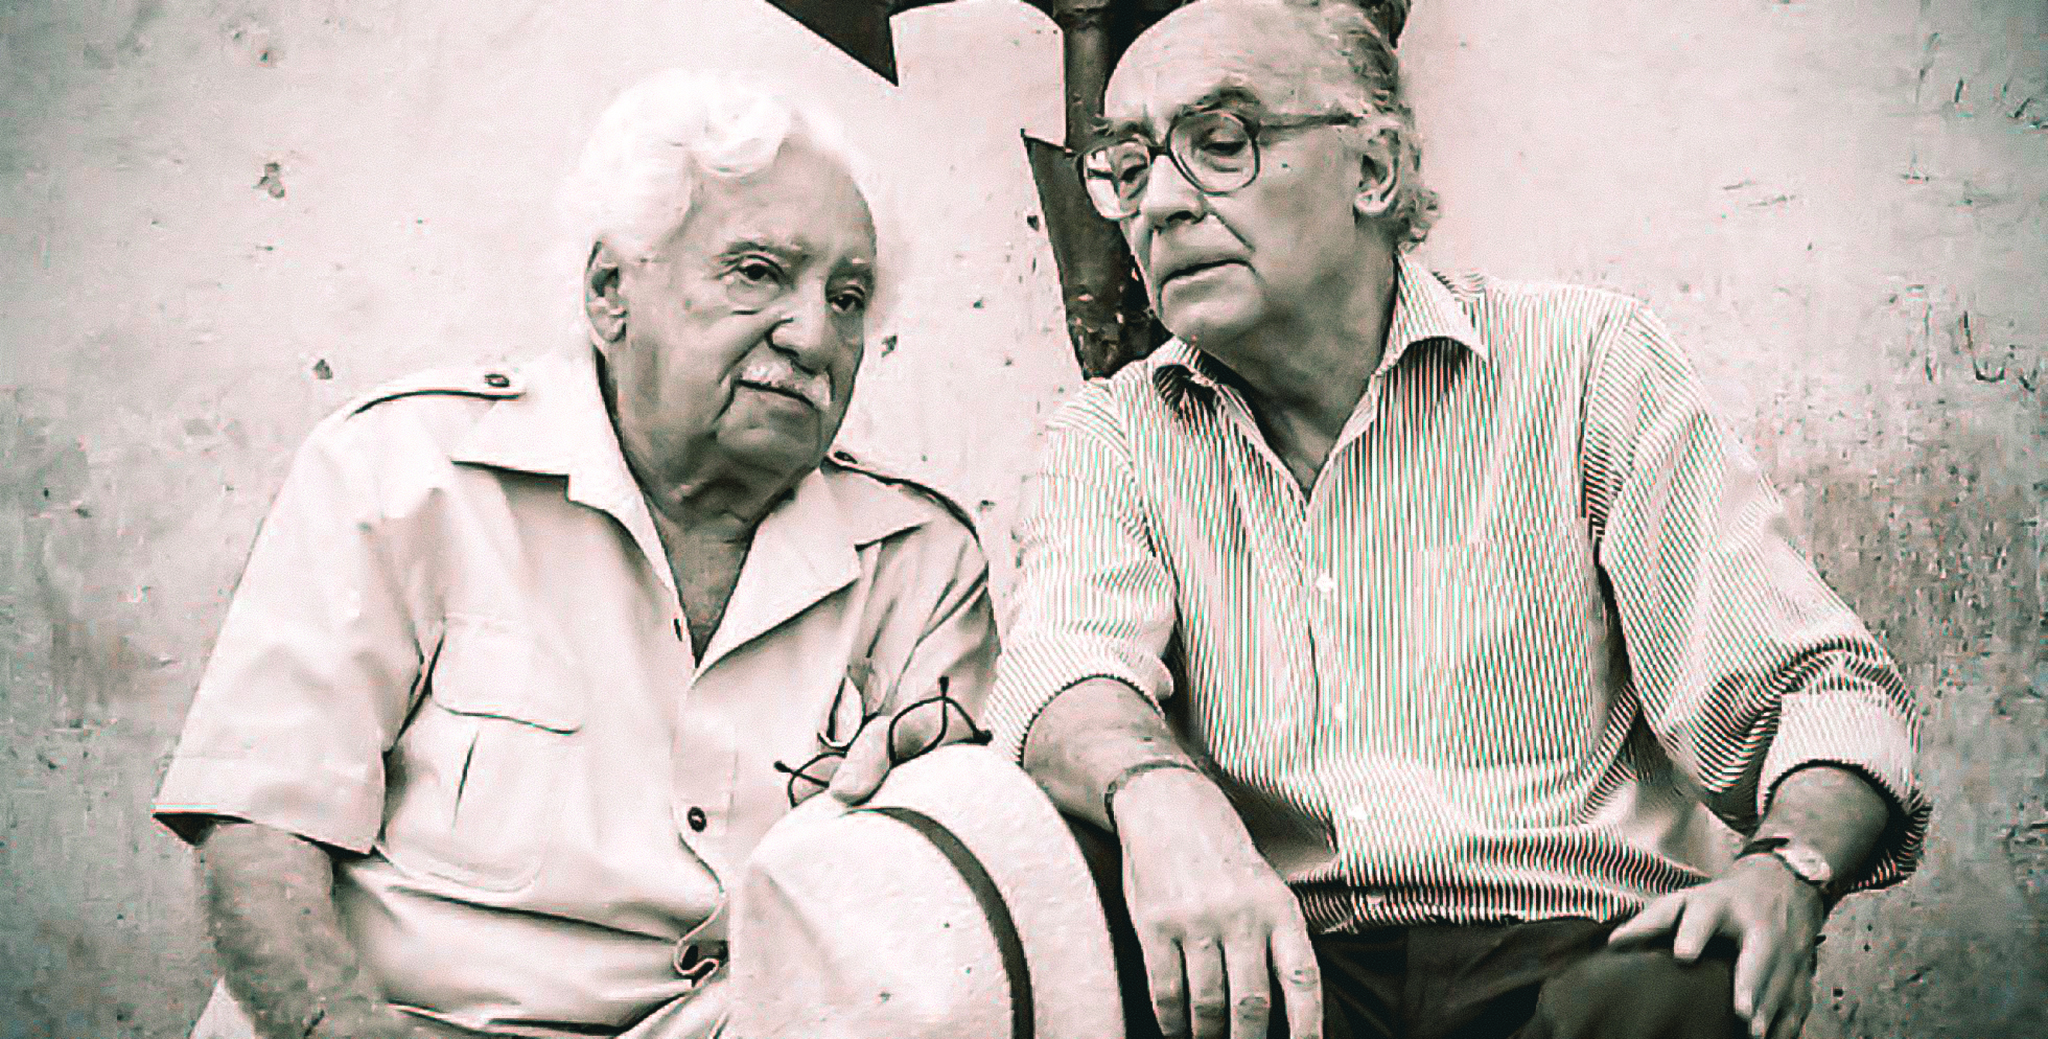 Cartas inéditas entre Saramago e Jorge Amado publicadas